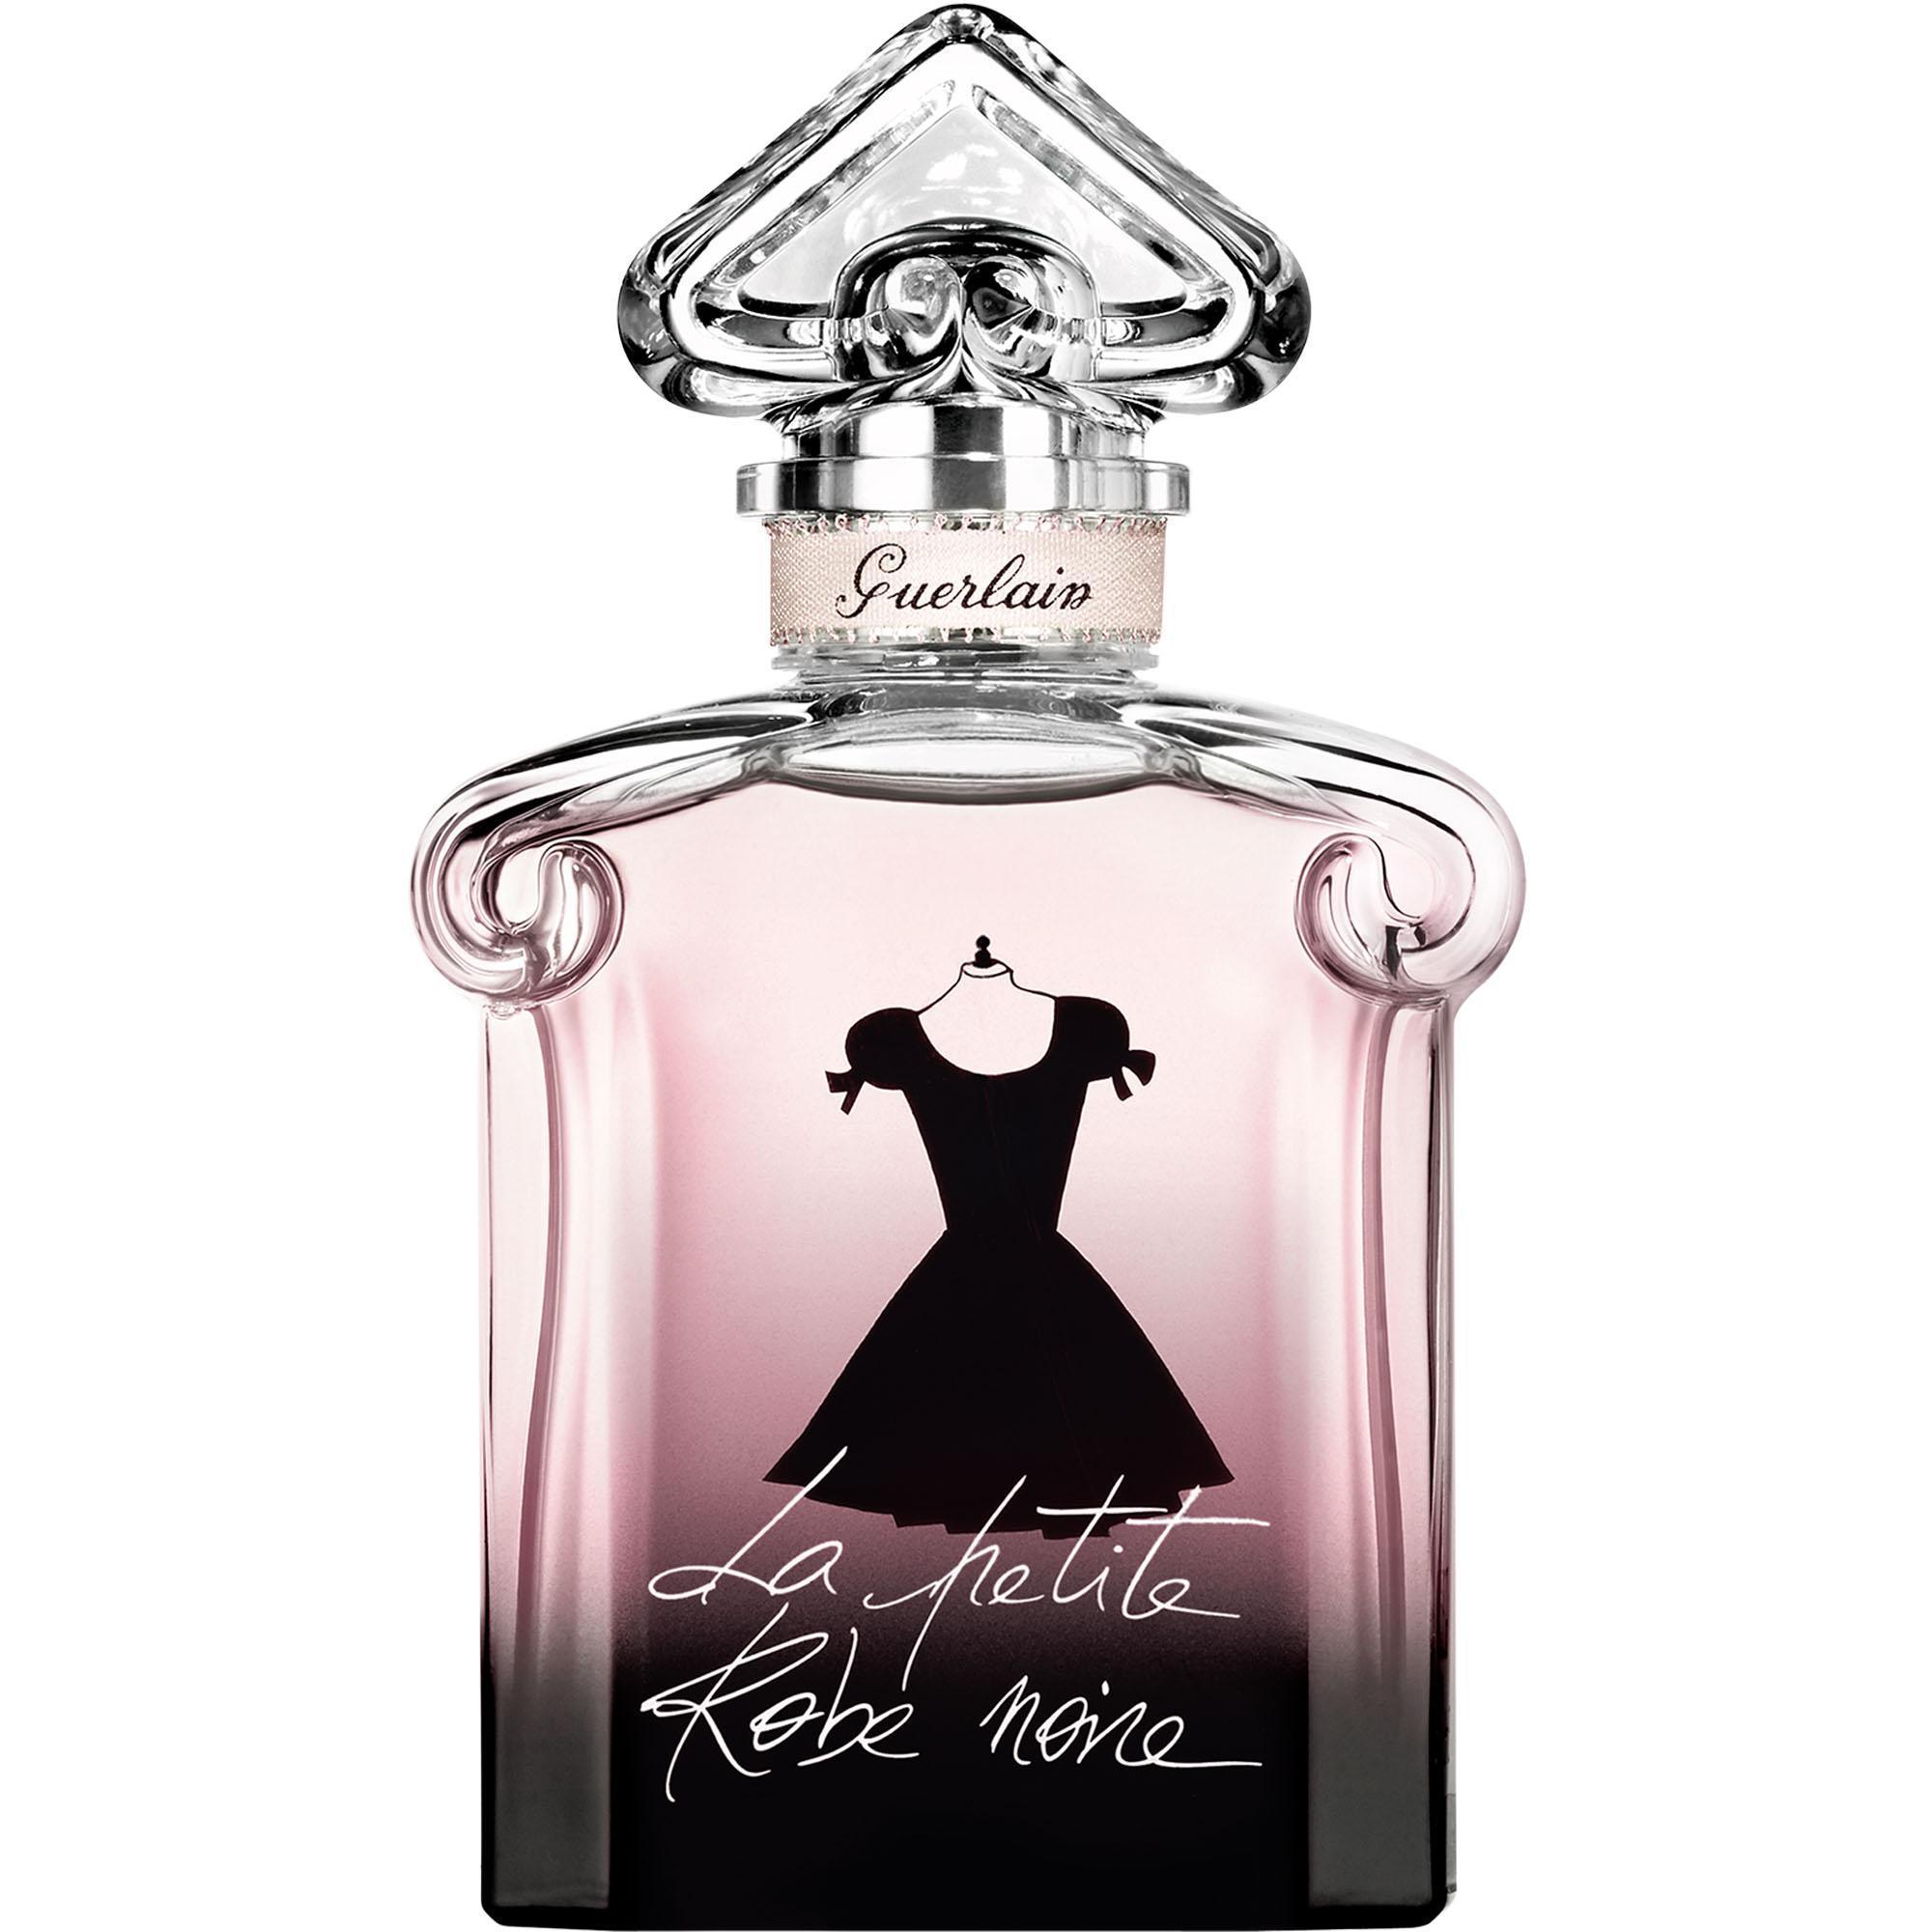 Robe noir parfum